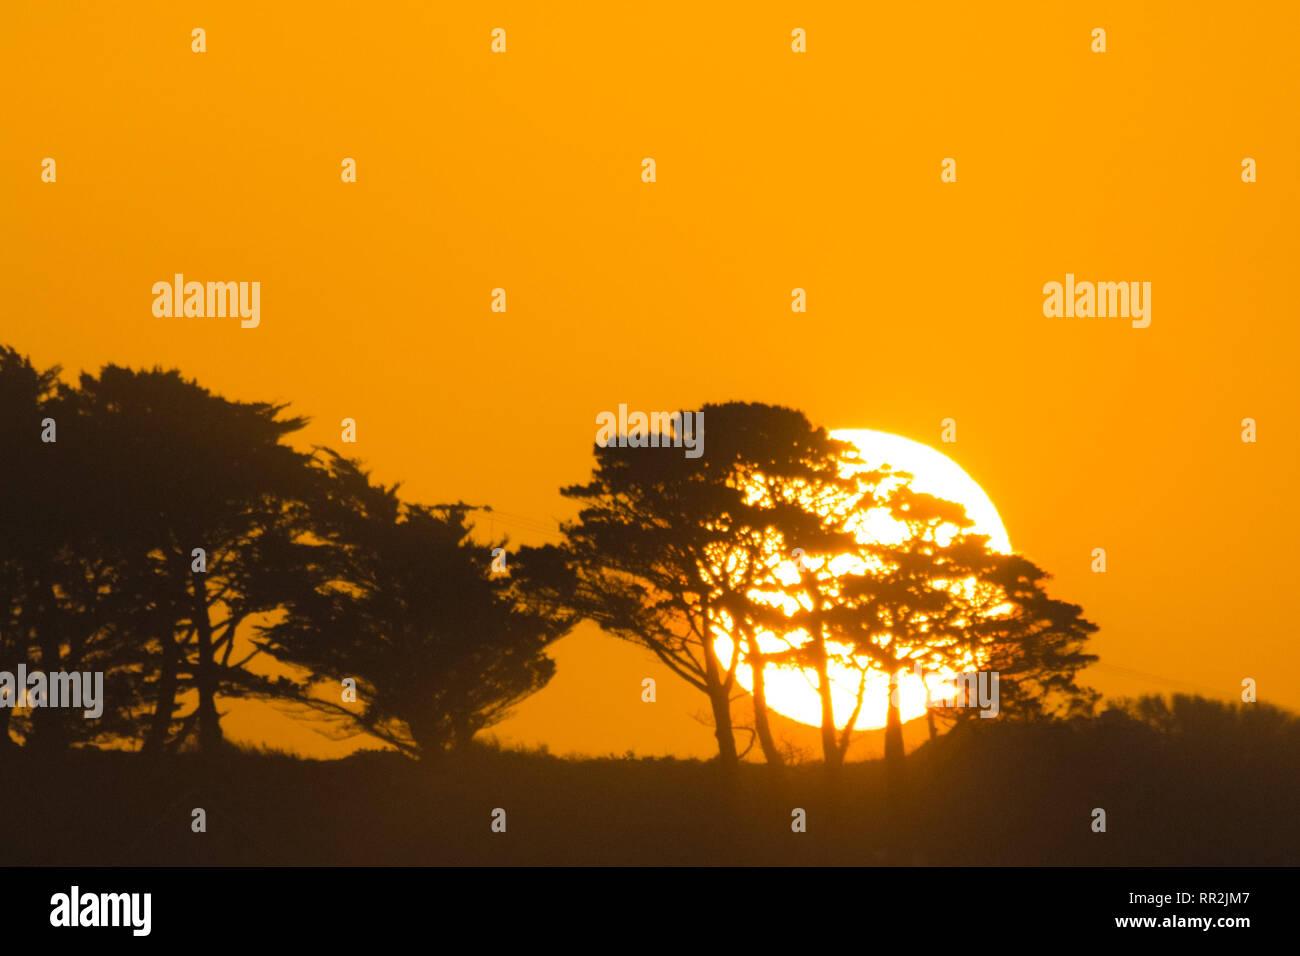 Le soleil se levant derrière un groupe d'arbres avec un ciel jaune Photo Stock